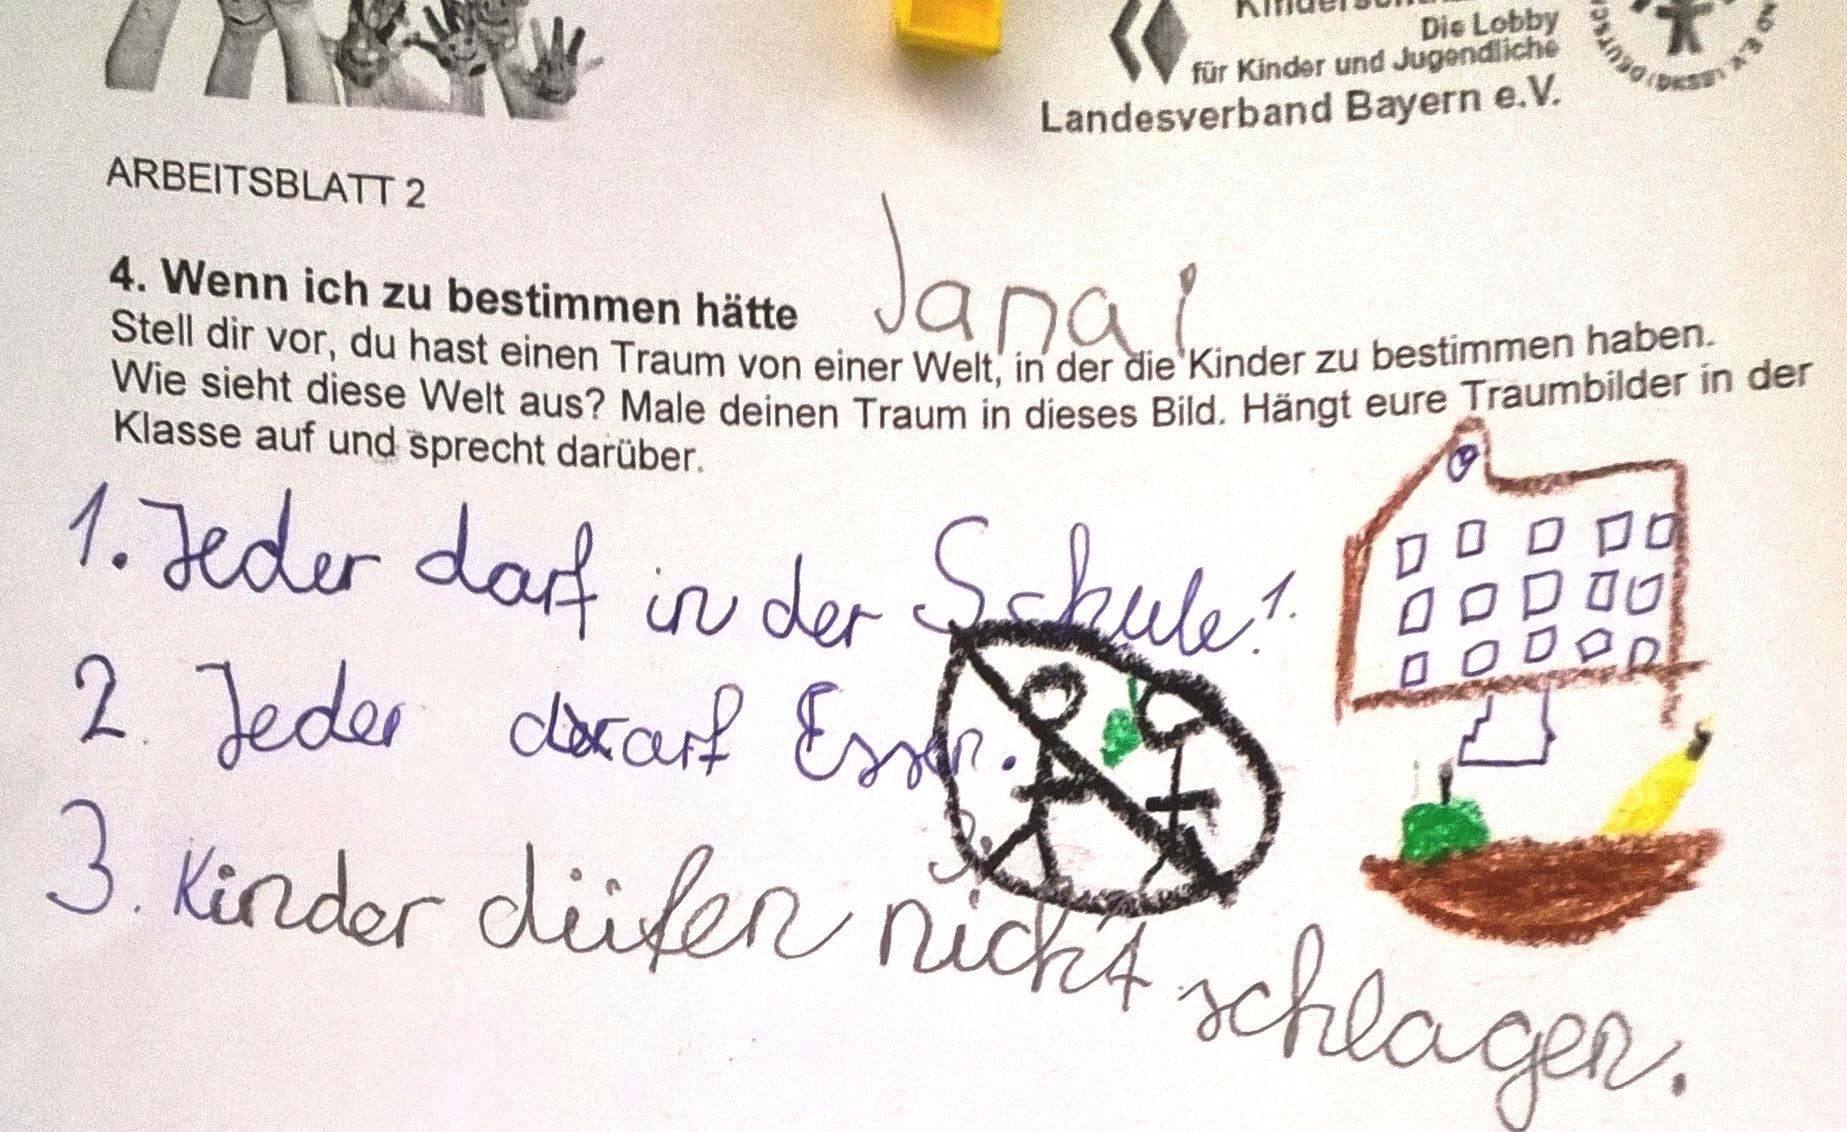 Arbeitsblatt2 | Deutscher Kinderschutzbund Landesverband Bayern